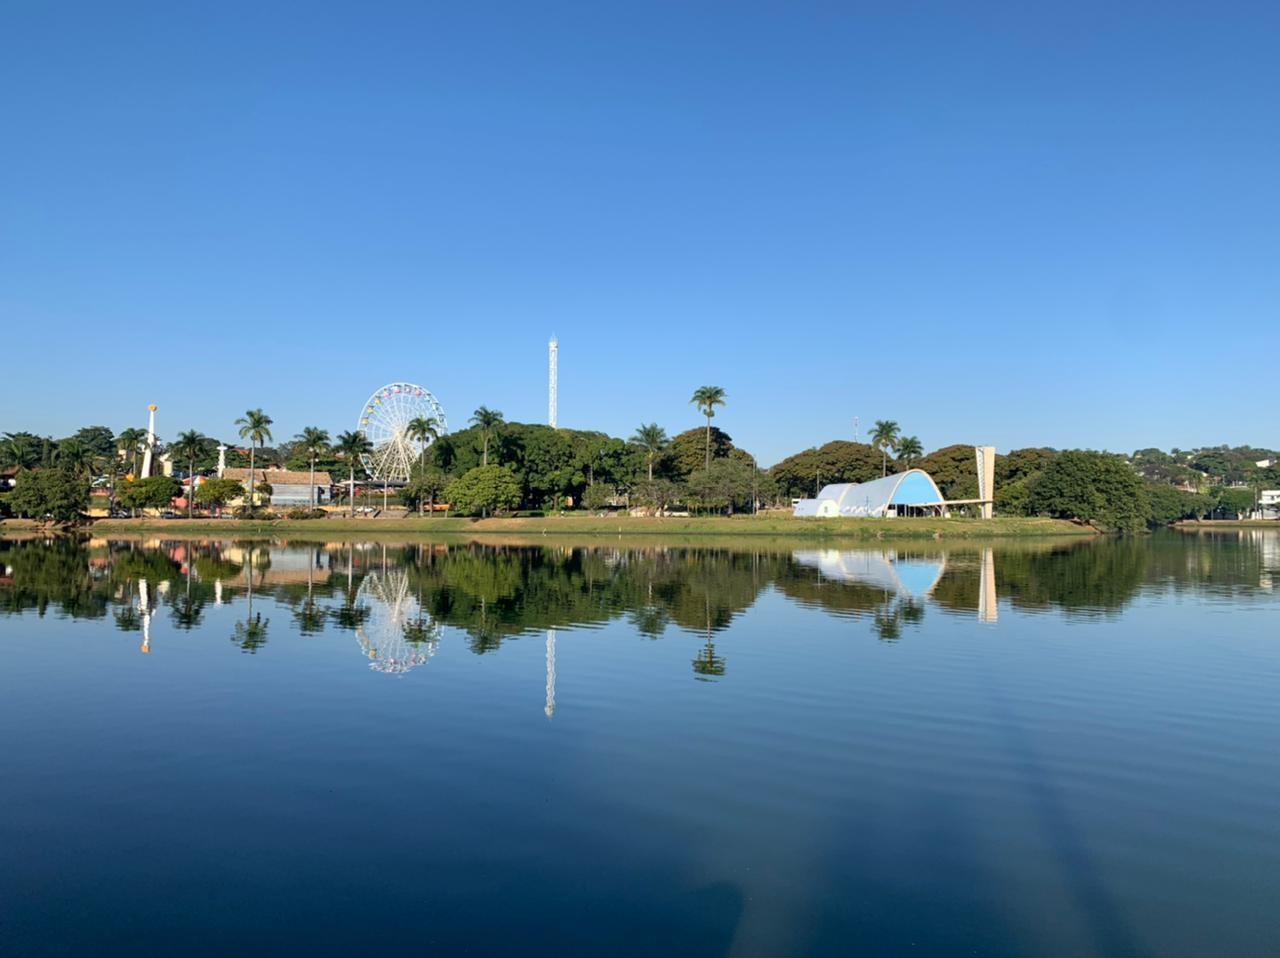 Prefeitura de BH tem 30 dias para apresentar plano de ação com obras na Lagoa da Pampulha